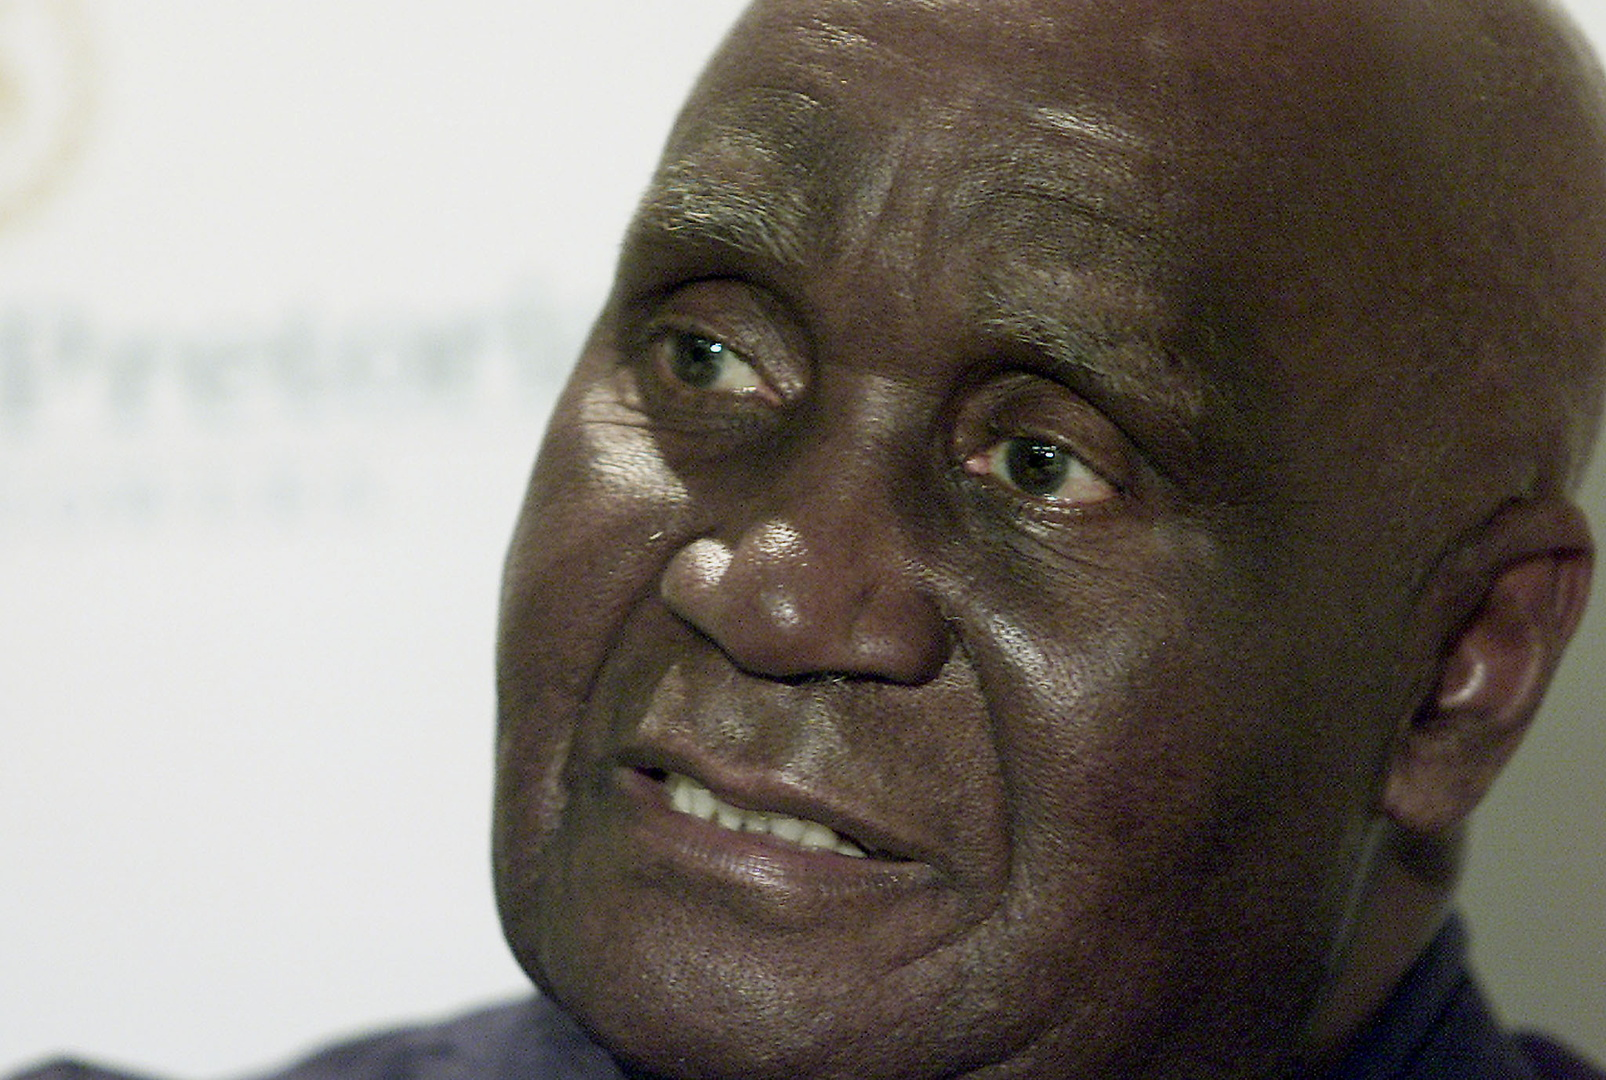 وفاة الرئيس المؤسس لزامبيا كينيث كاوندا عن 97 عاما